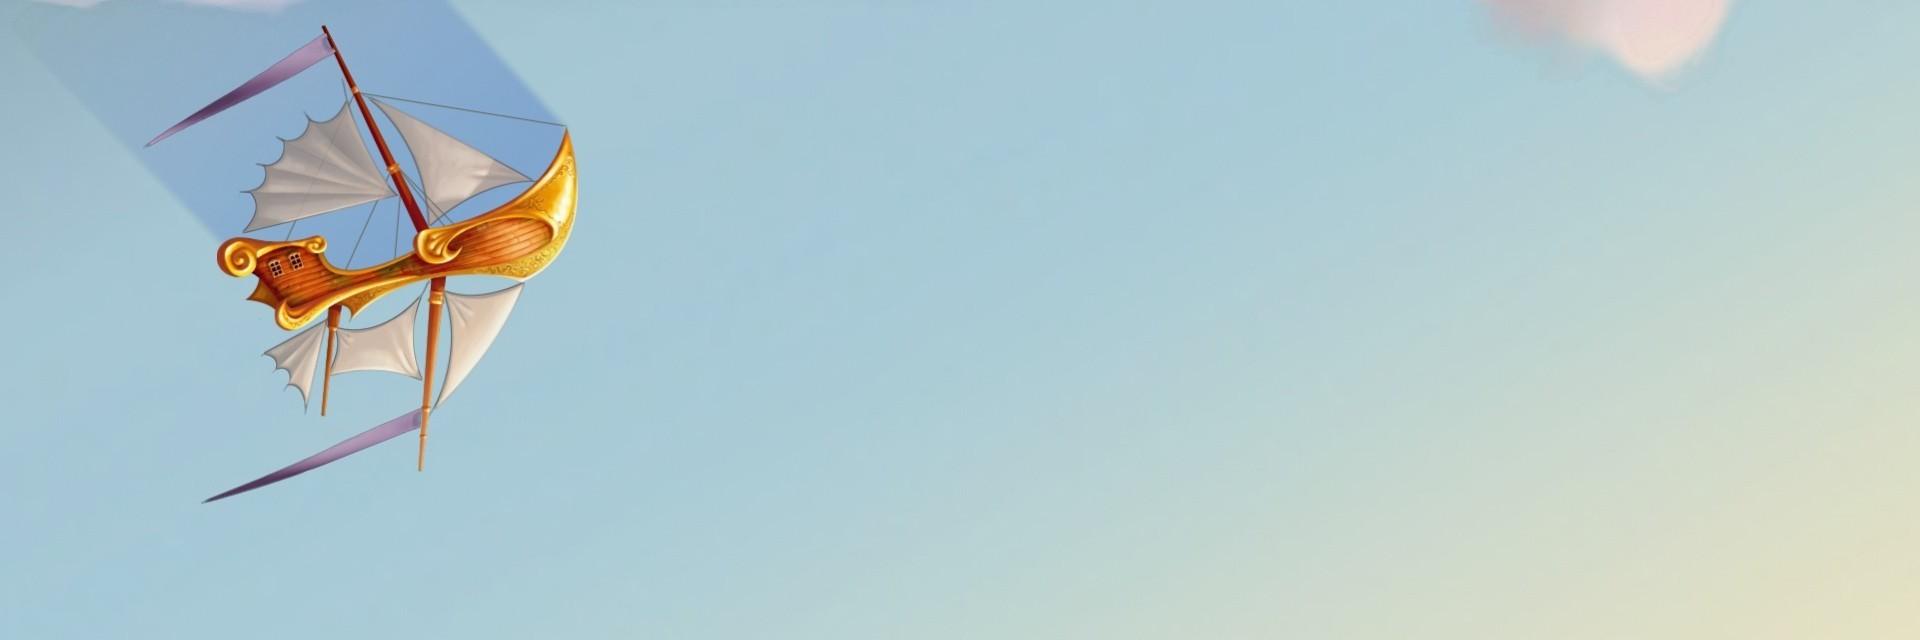 北京到承德避暑山庄游玩树叶,承德好玩的地方户外游戏攻略两种玩法图片